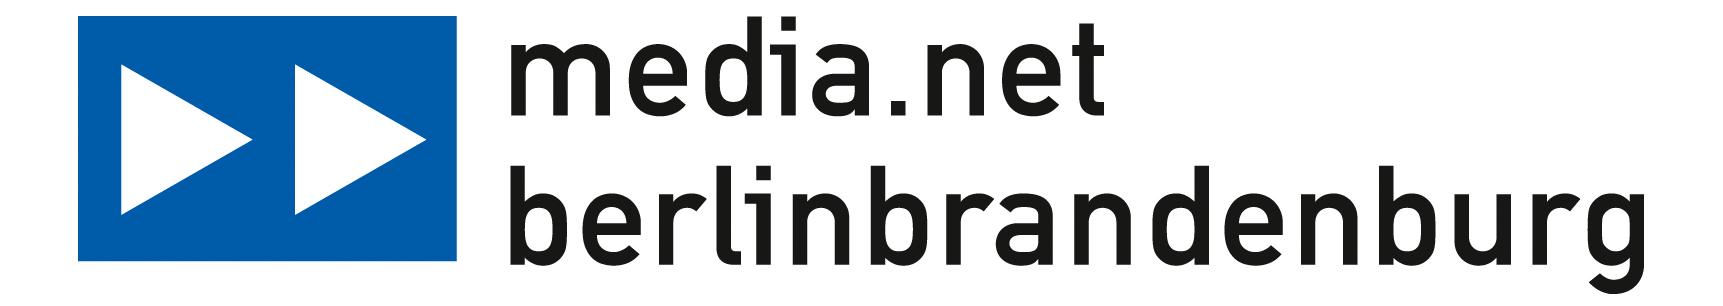 media_net